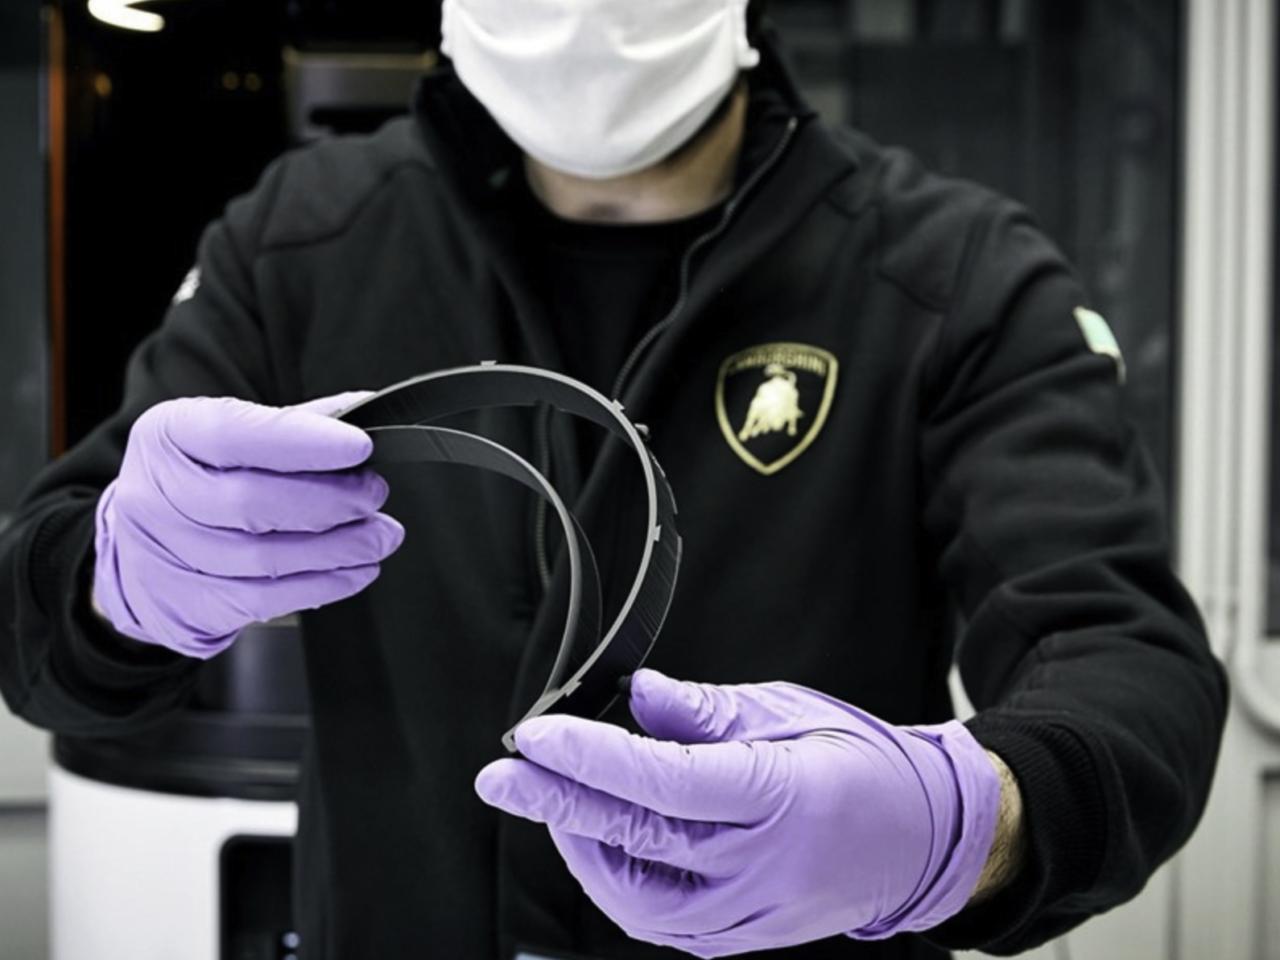 Lamborghini comienza producción de máscaras por Covid-19